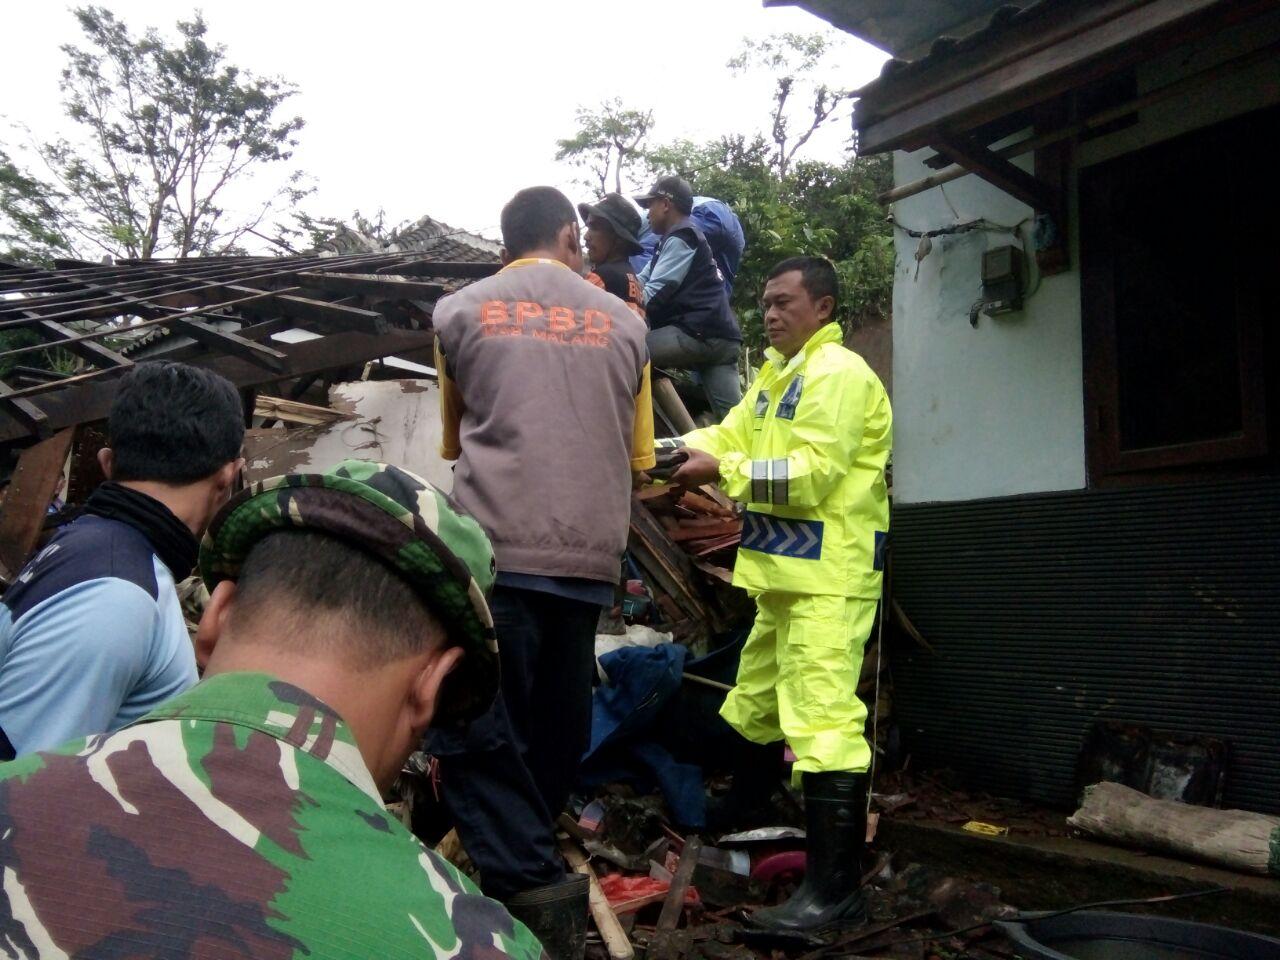 Polsek Pujon Polres Batu Ikut Serta Dalam Bantu Warga Bersihkan Material Sisa Bencana Longsor